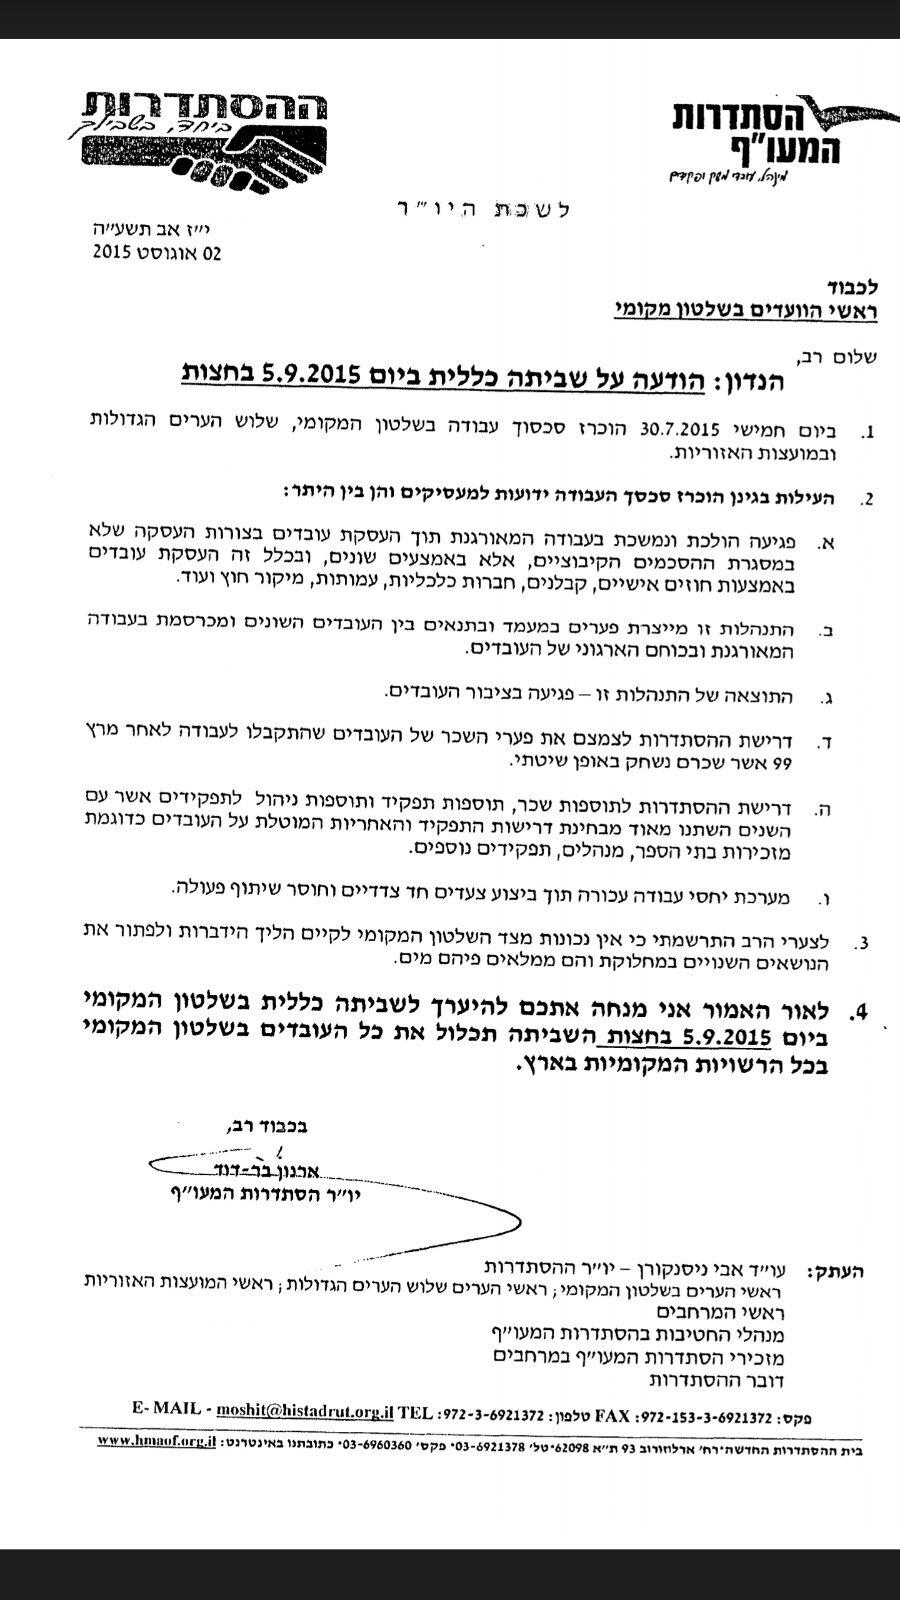 מכתב תל אביב